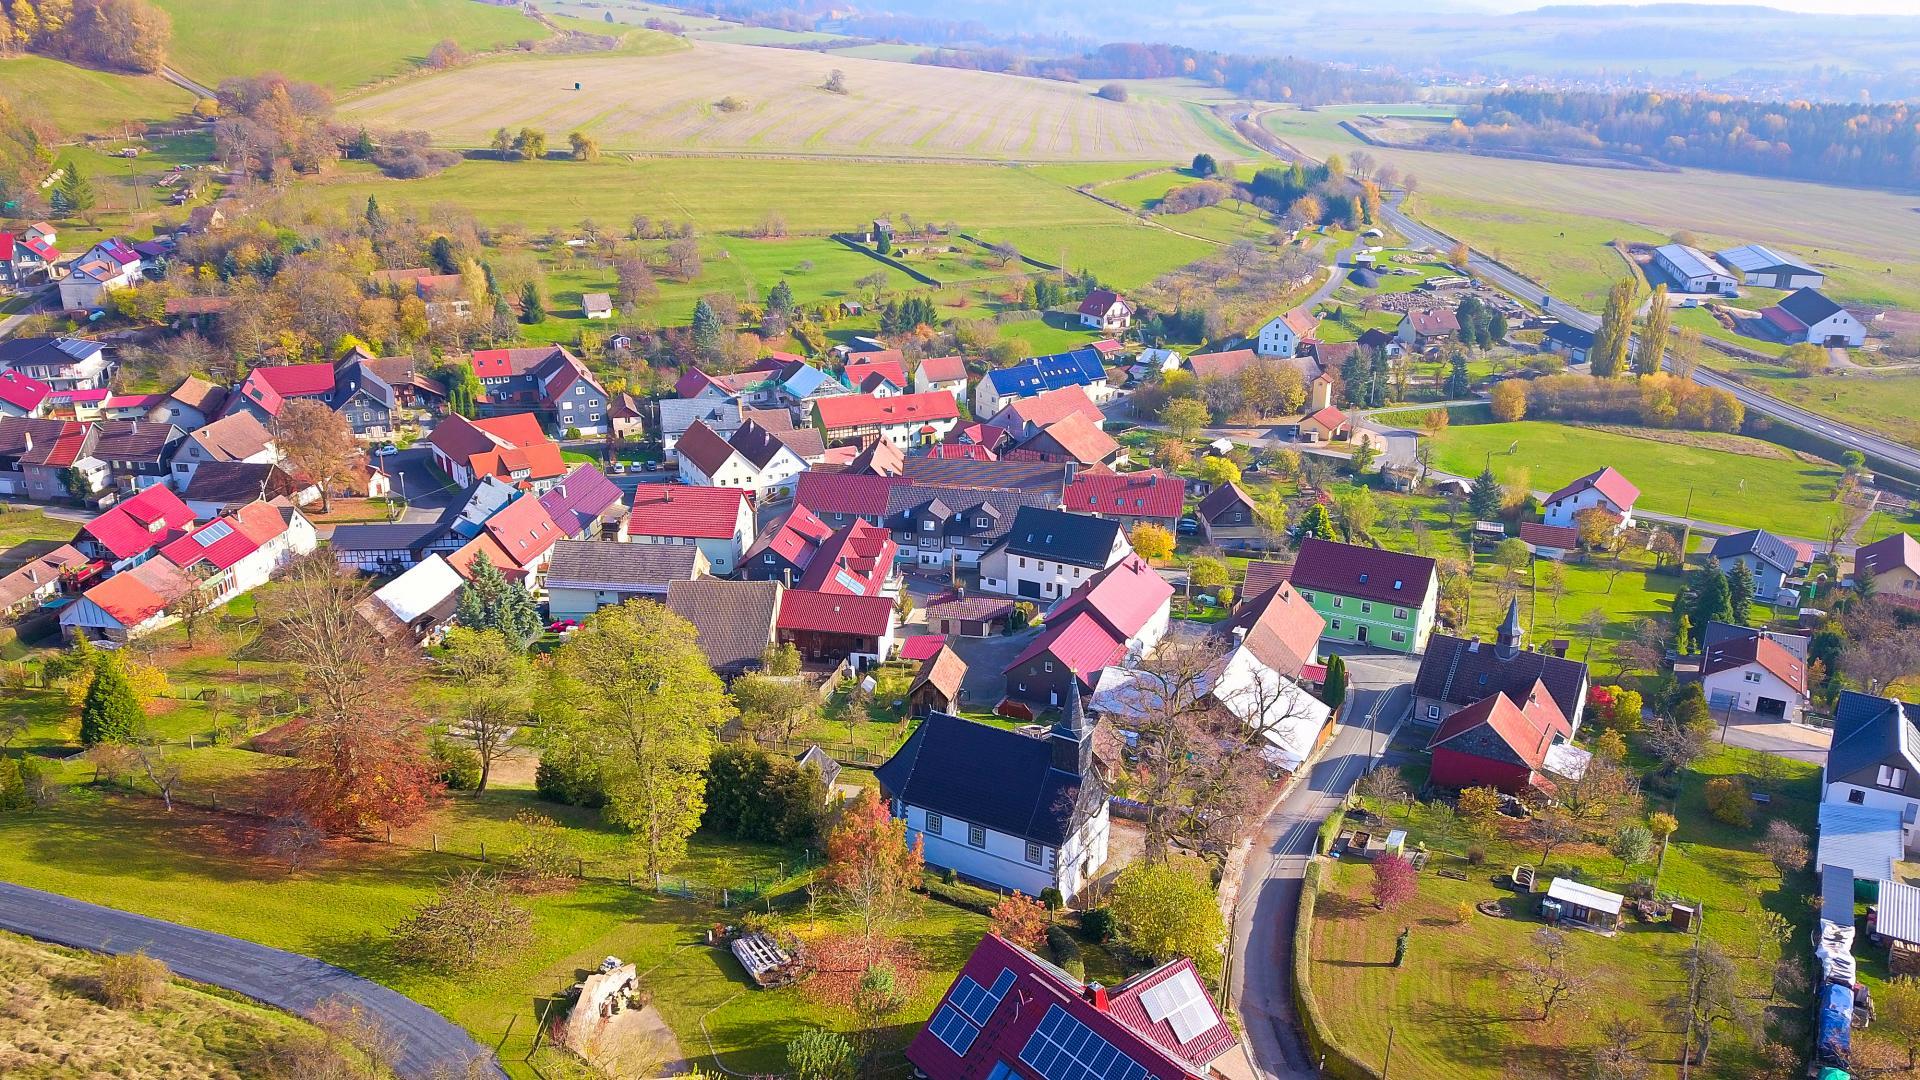 Hirschendorf